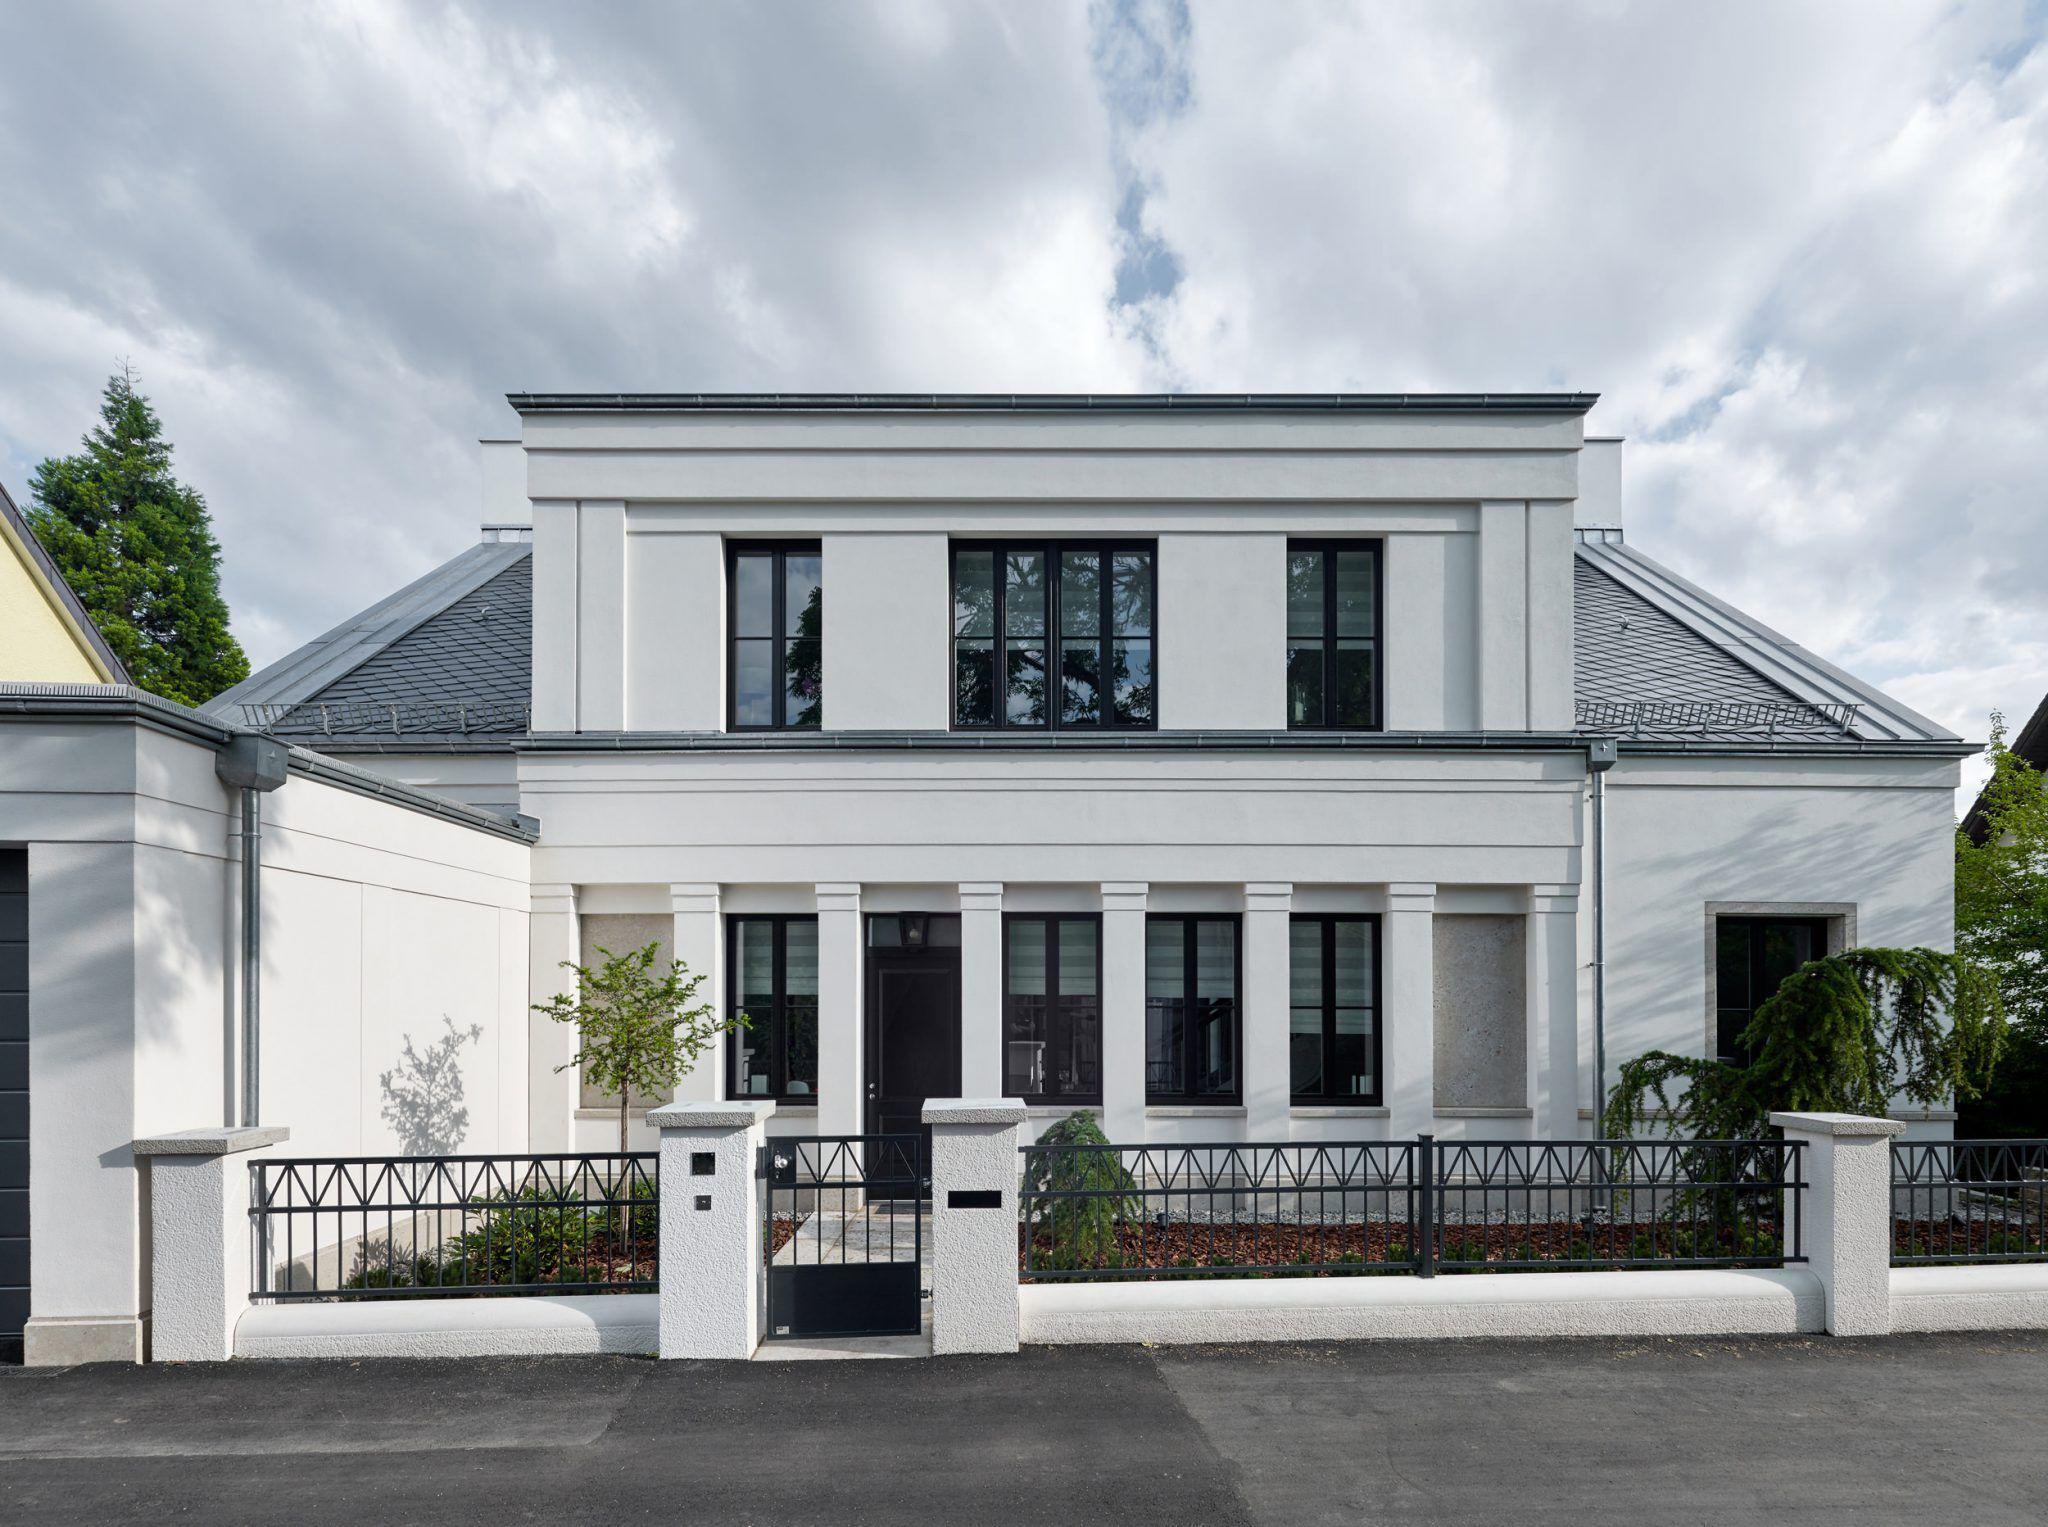 http//www.kahlfeldtarchitekten.de/projekt/hausk